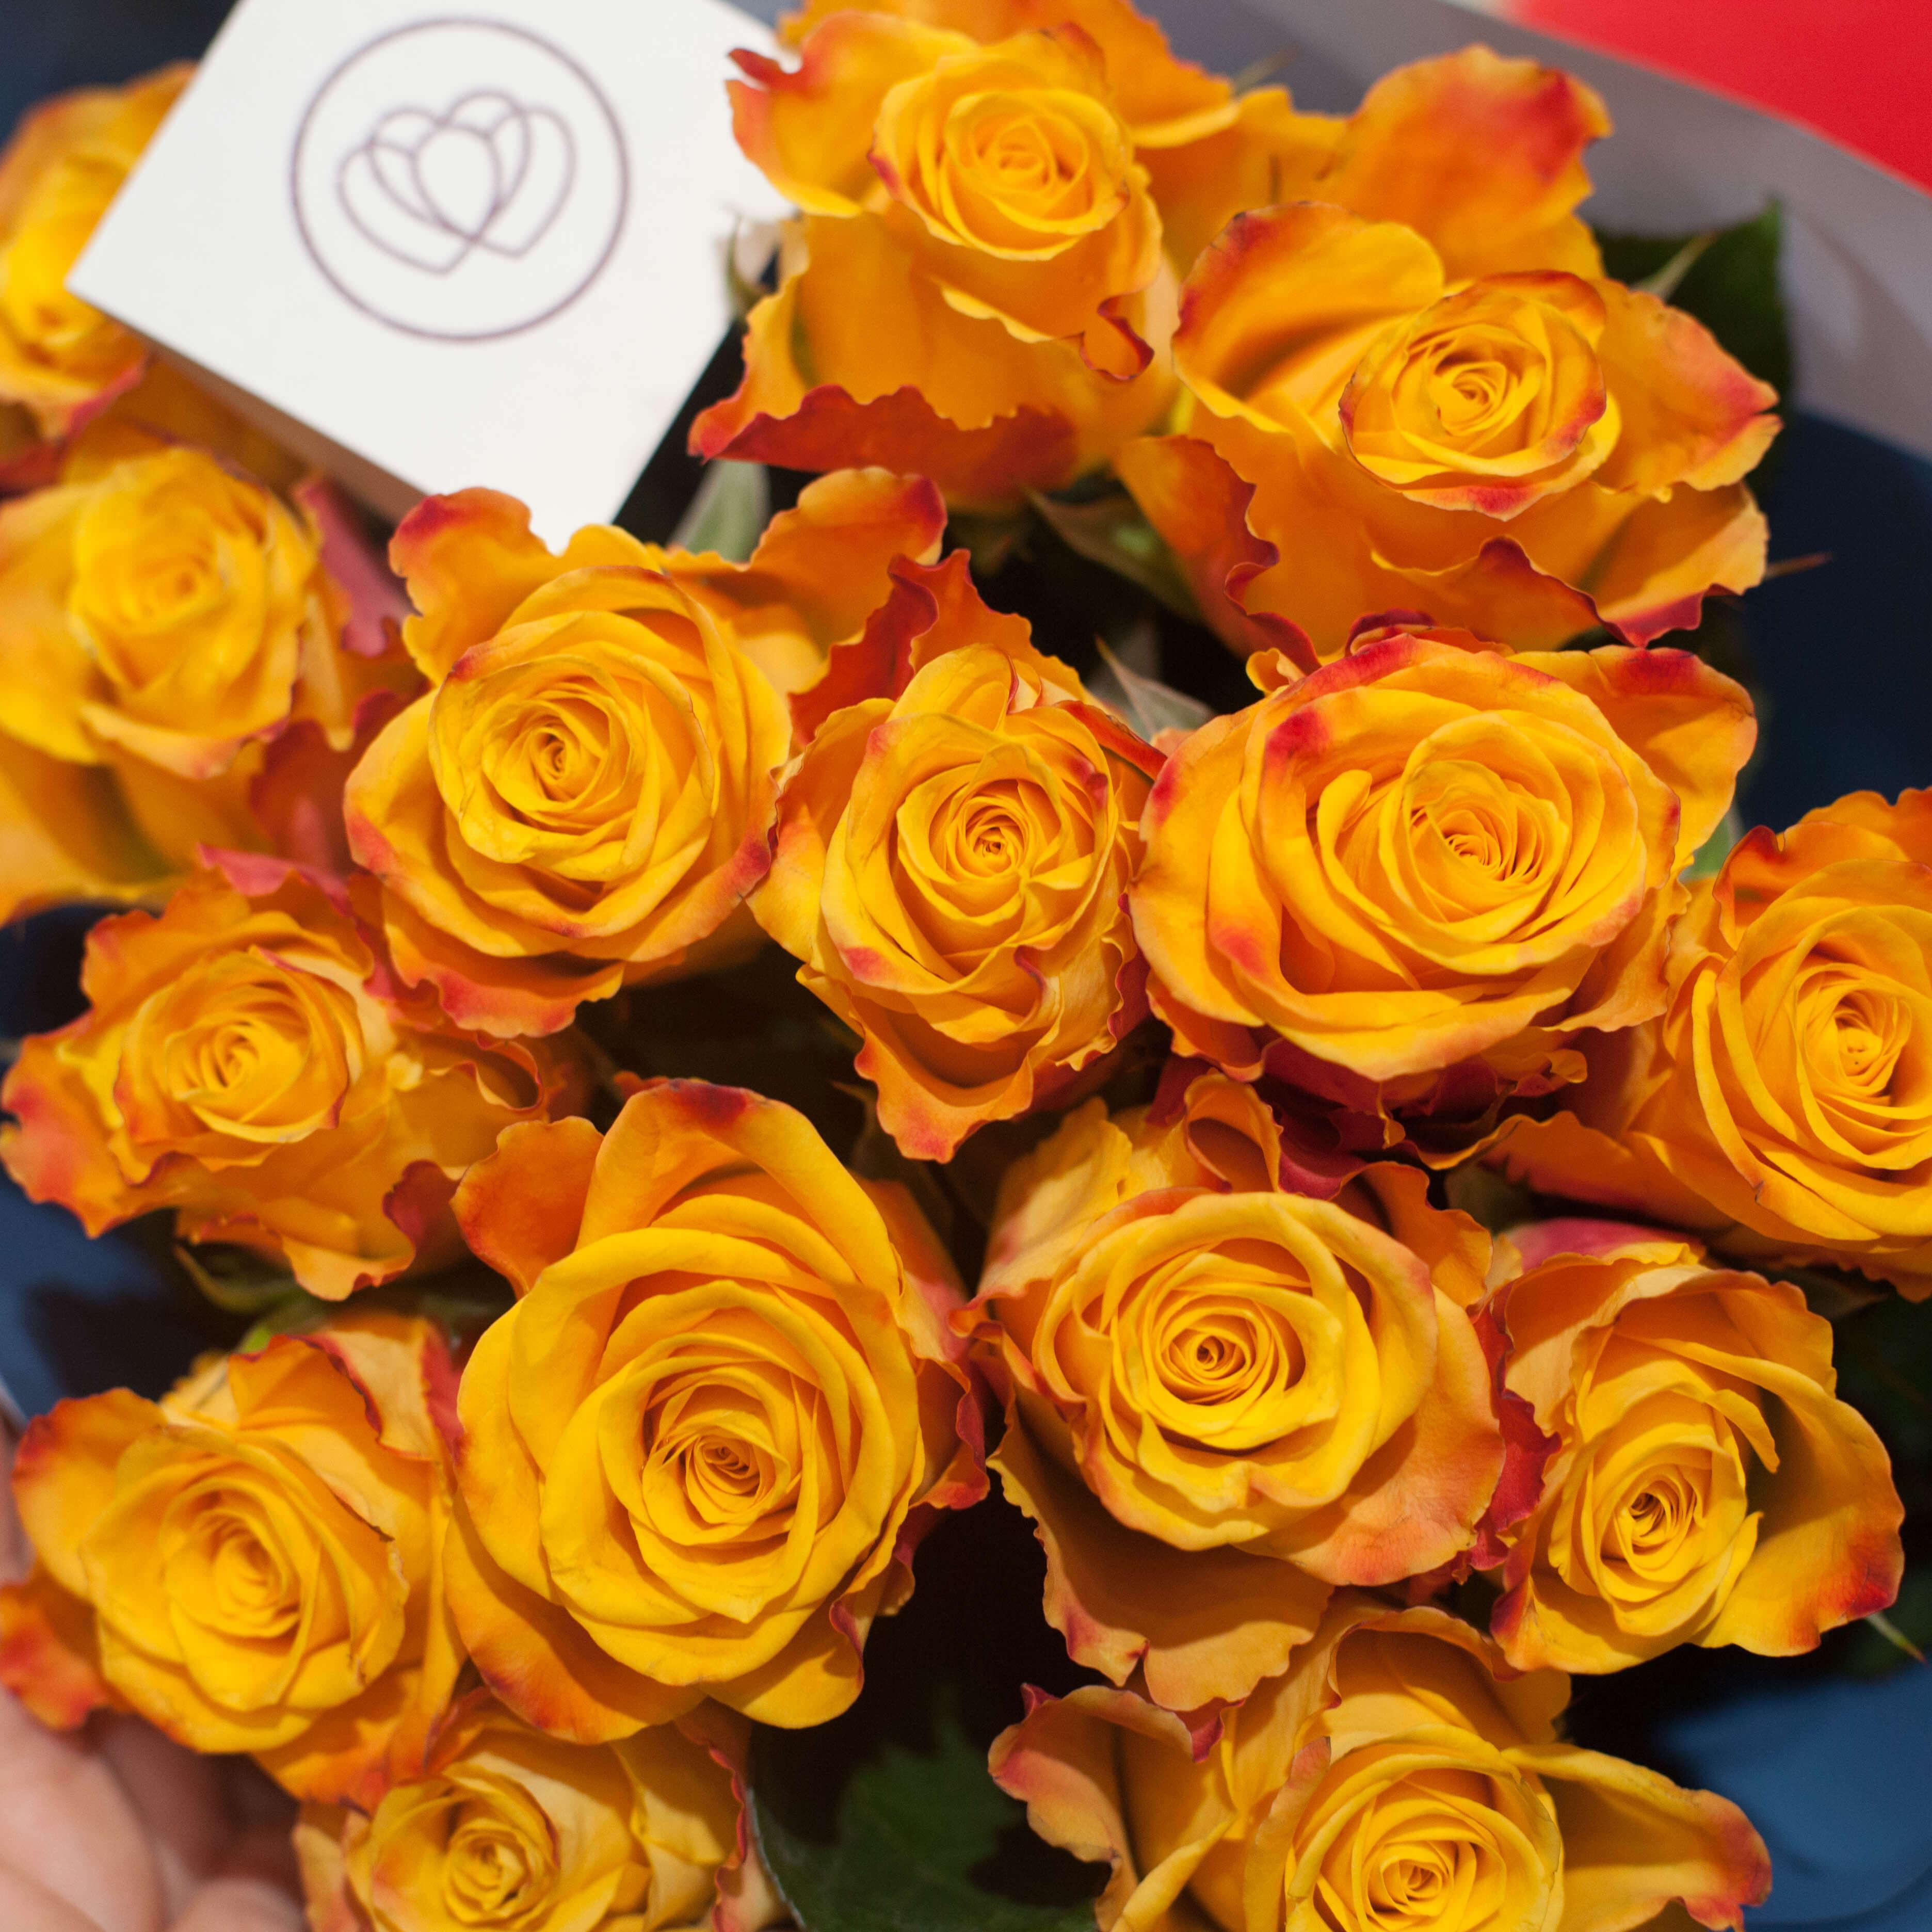 Желтые розы с красной каймой 40 см Premium фото